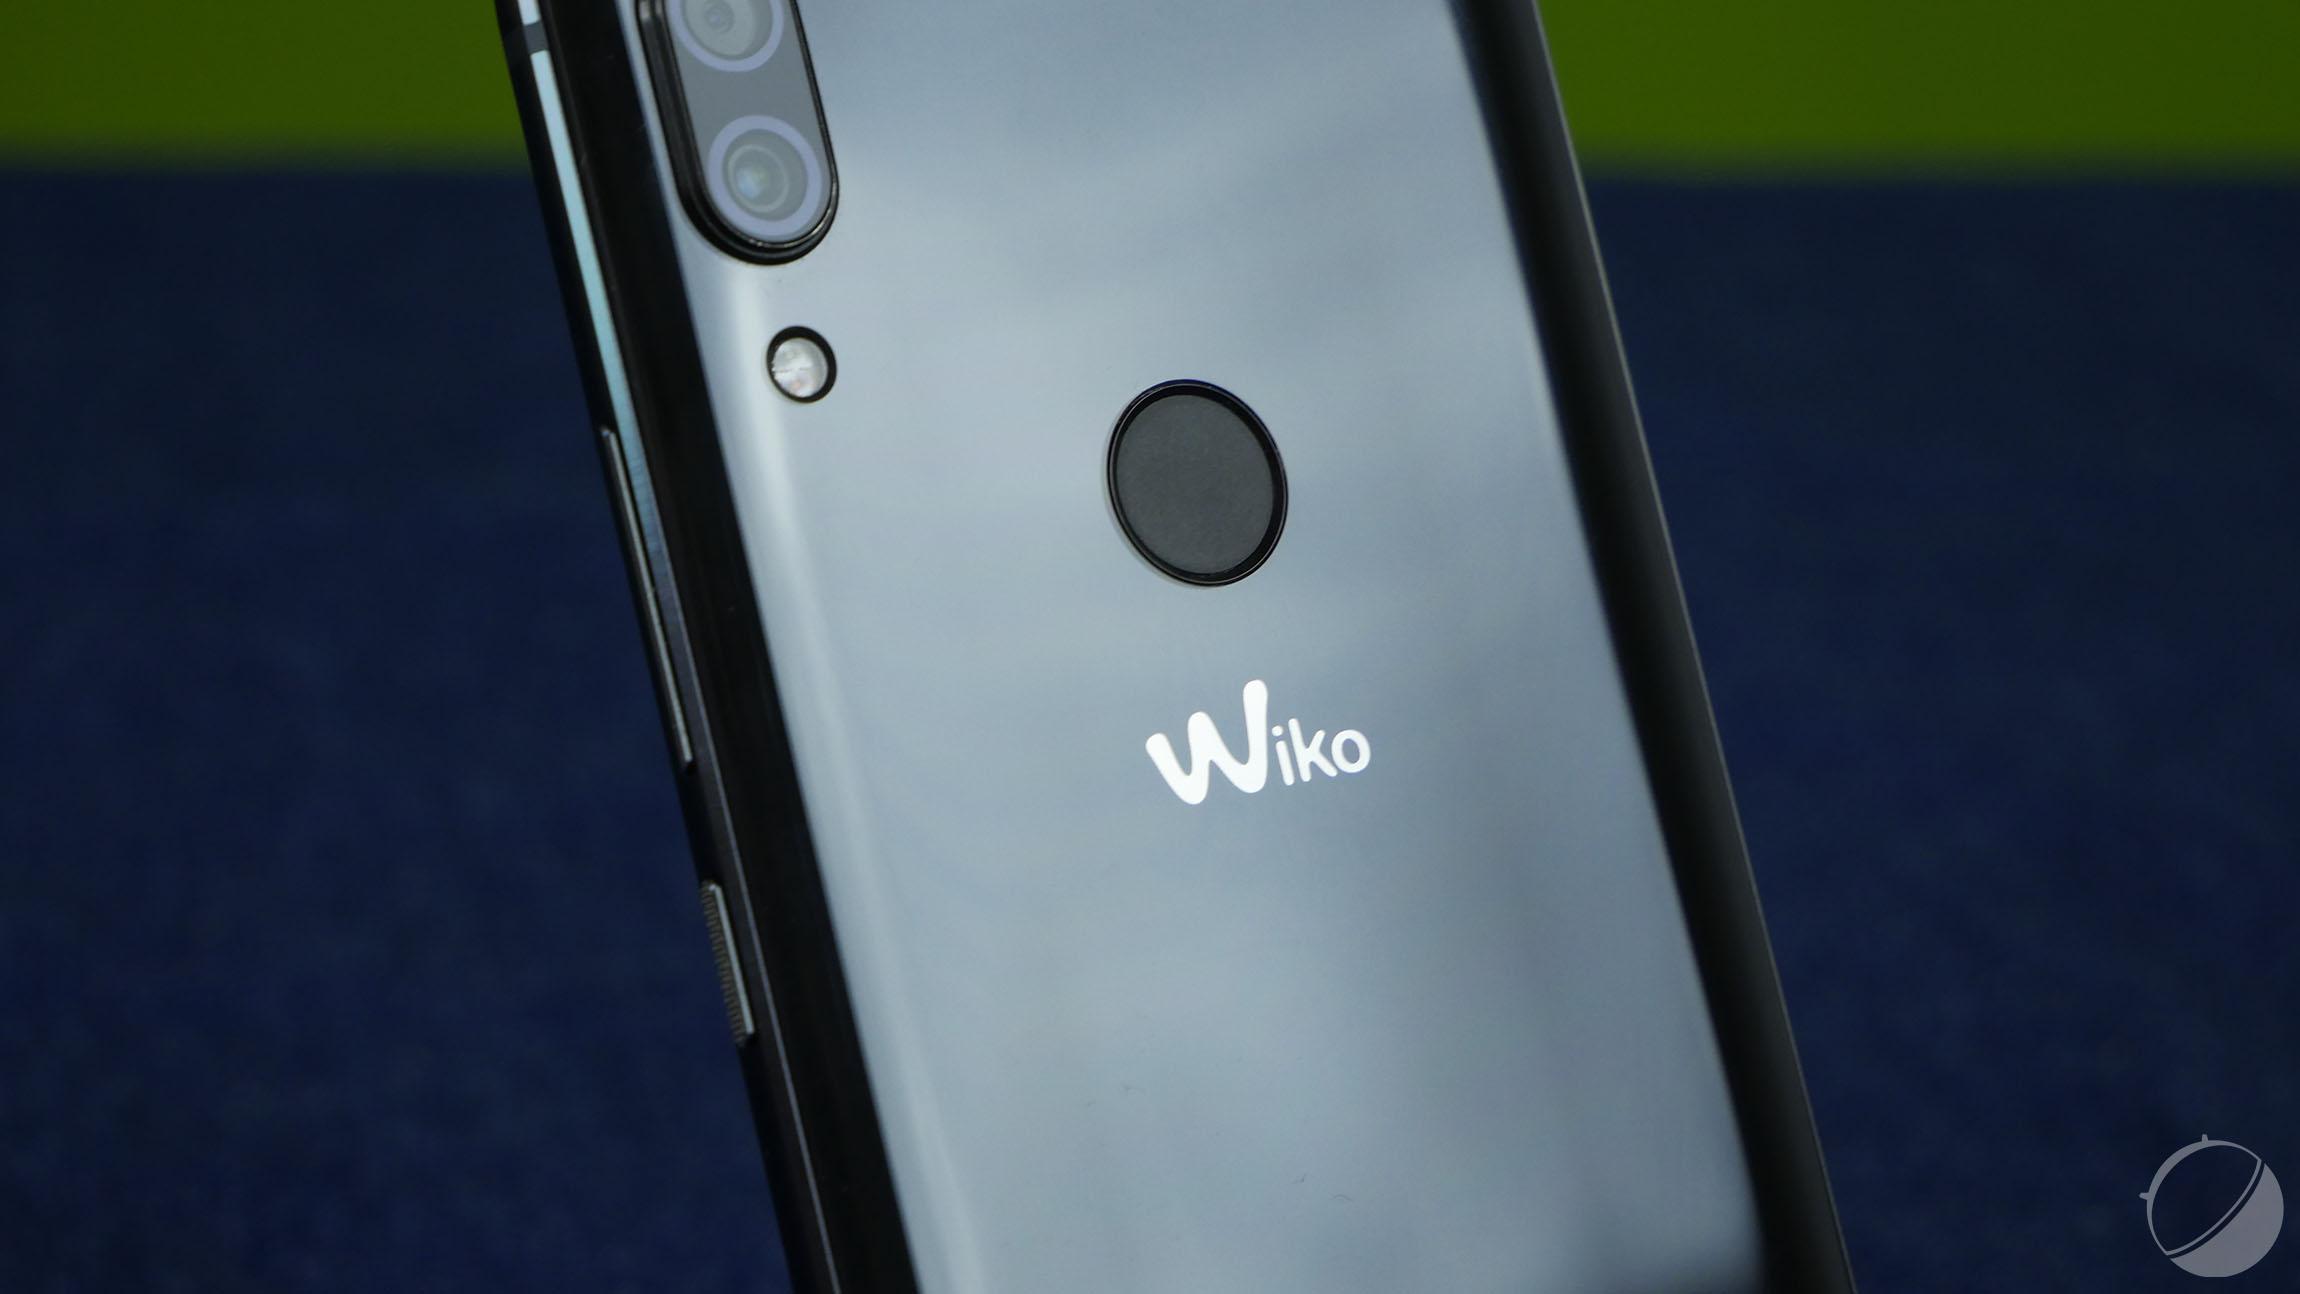 Wiko contre Wico : une drôle d'affaire entre confusion et « contrefaçon »